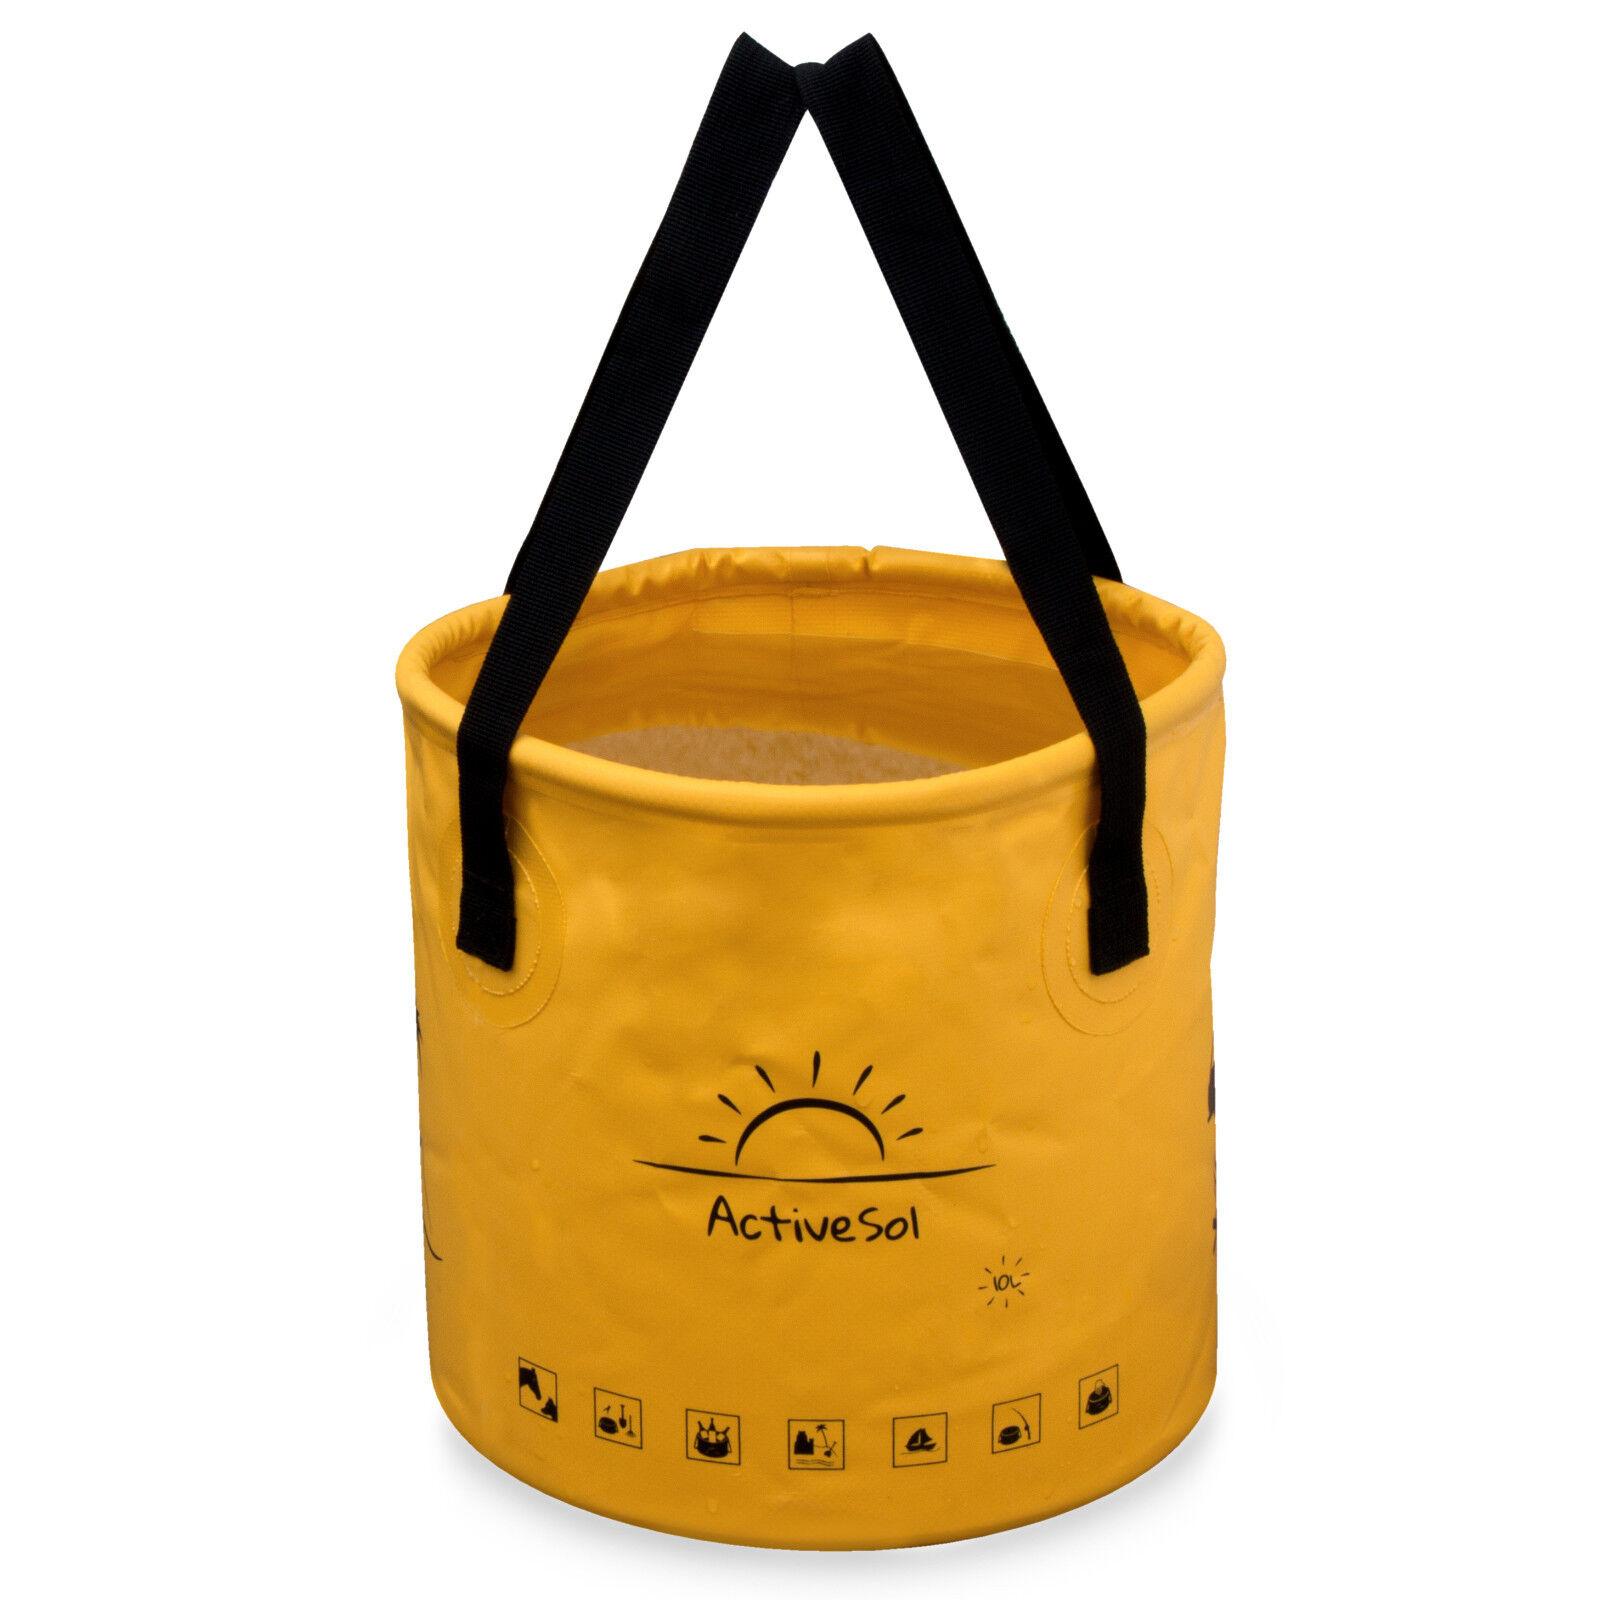 ActiveSol Falteimer | 10 Liter oder 20 Liter | Urlaub, Garten, Camping, Outdoor